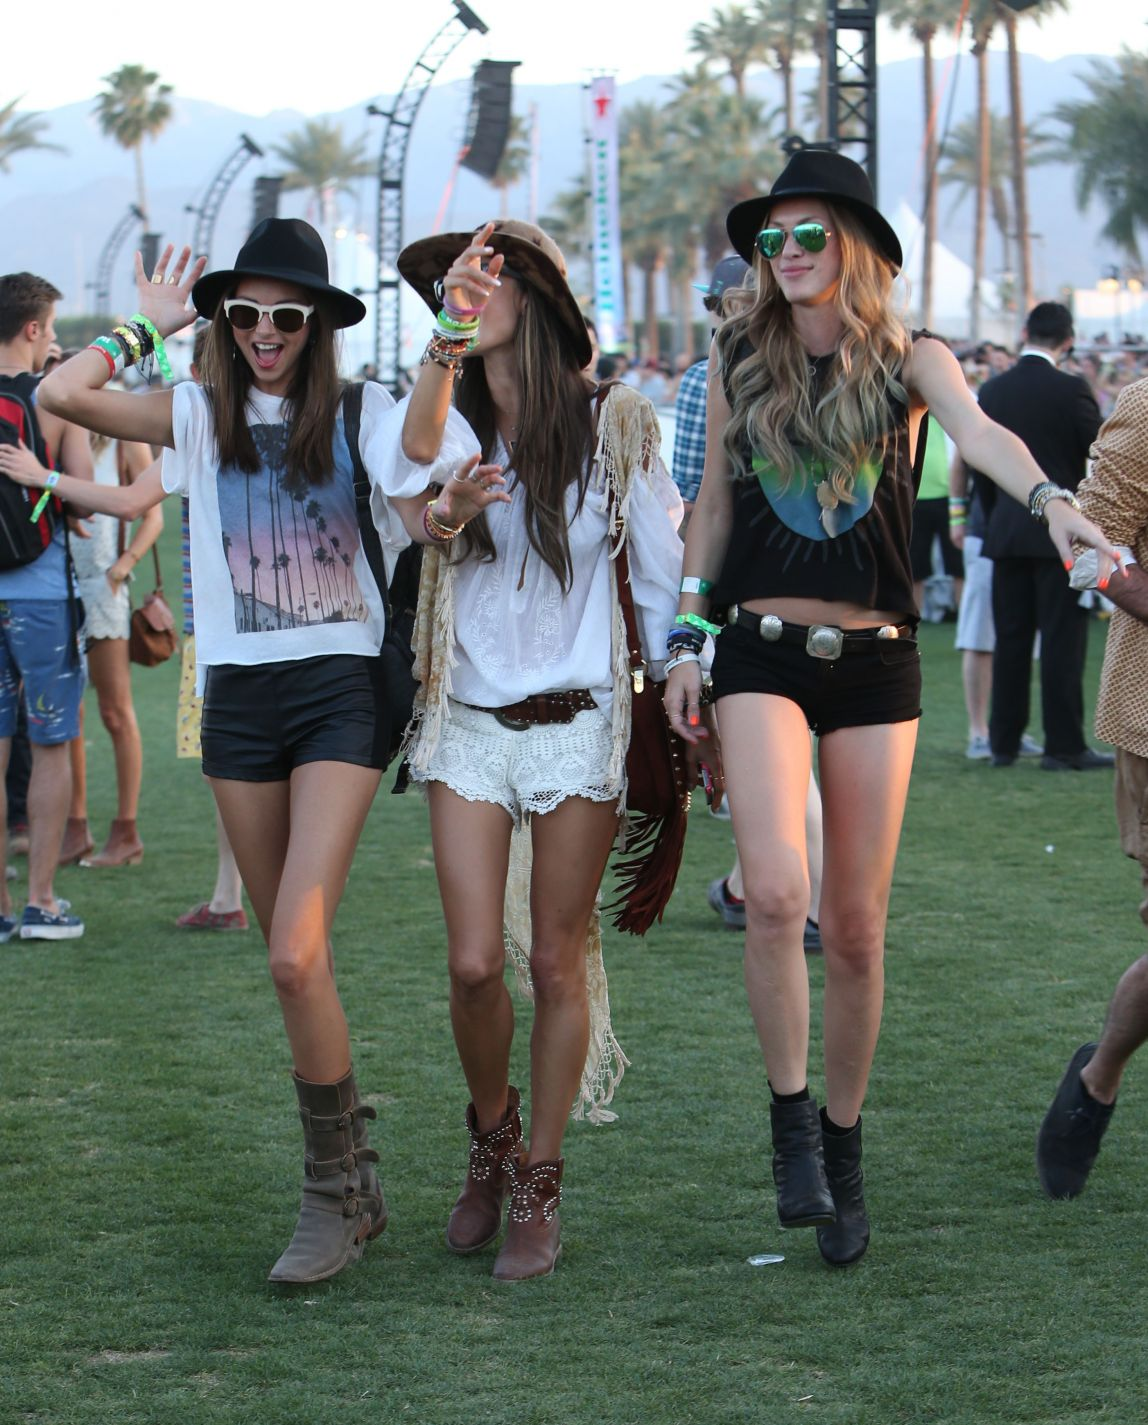 El street style en el festival Coachella 2013, parte I